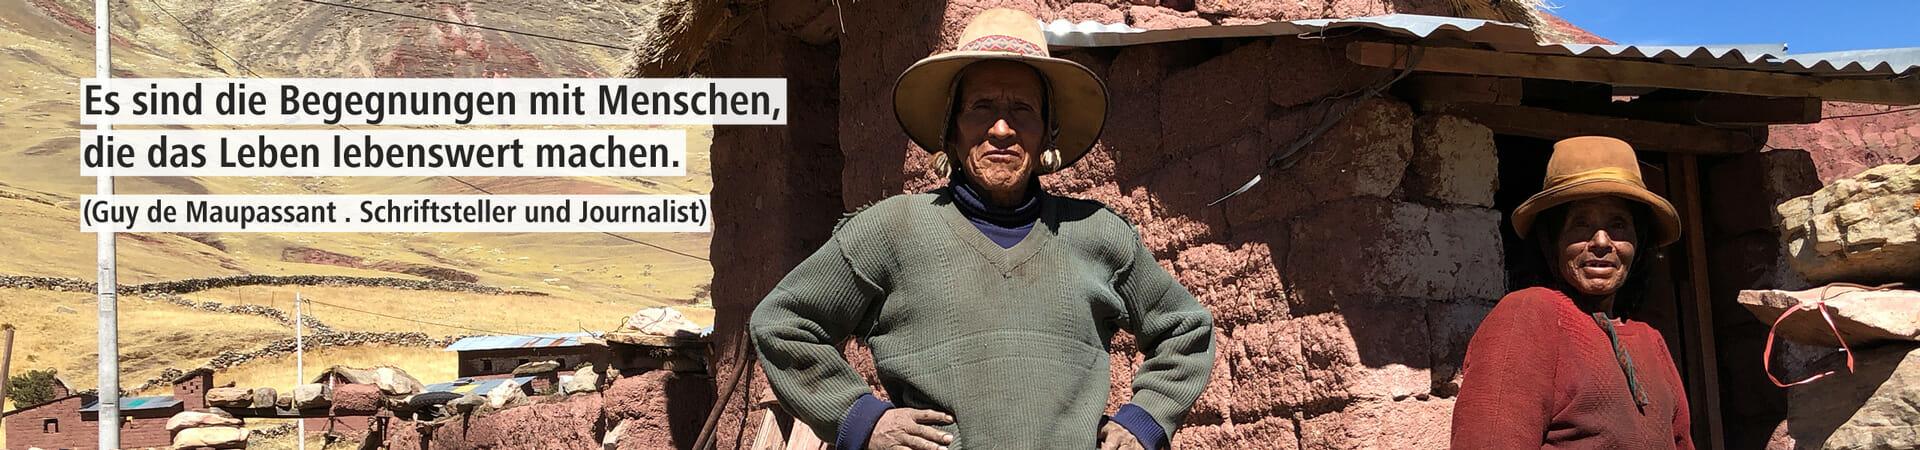 Dieses Bild zeigt einen Mann und eine Frau vor ihrem einfachen Haus in den Bergen Perus